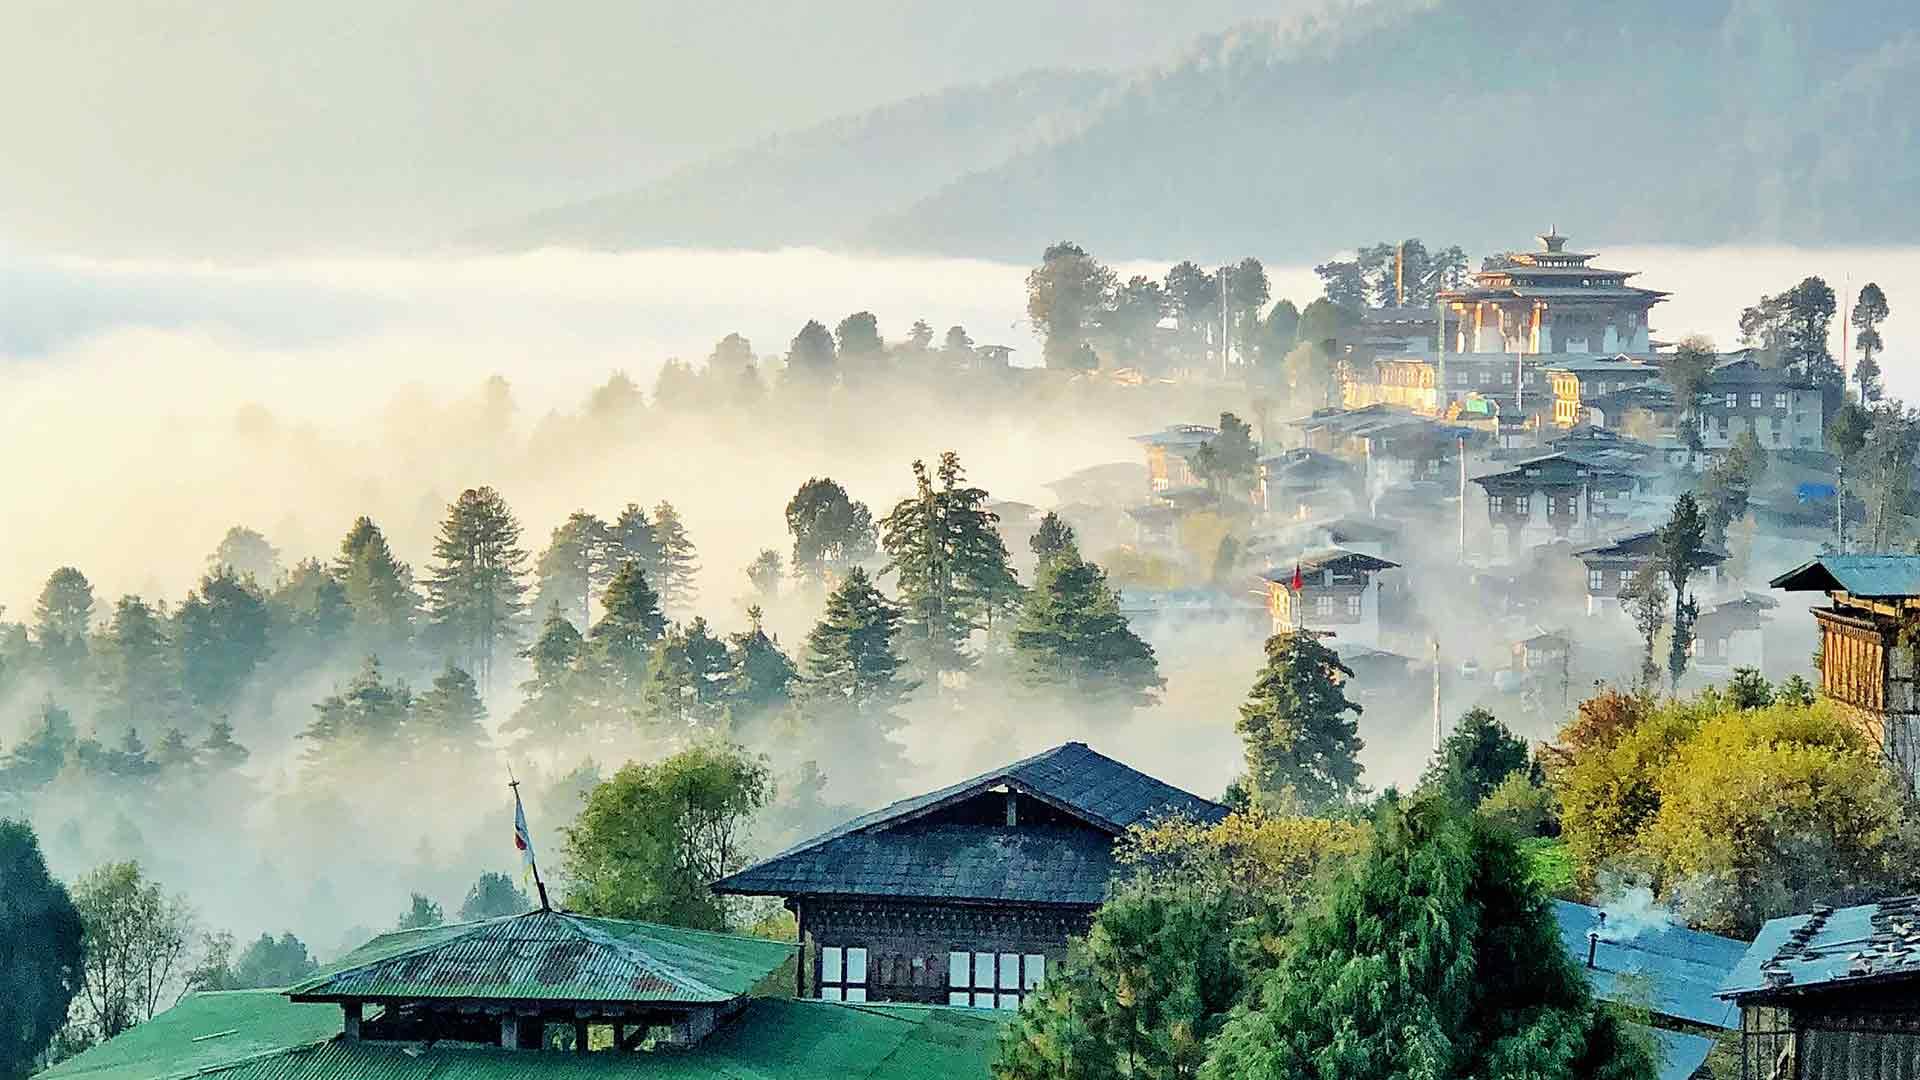 Bhutan, misty countryside